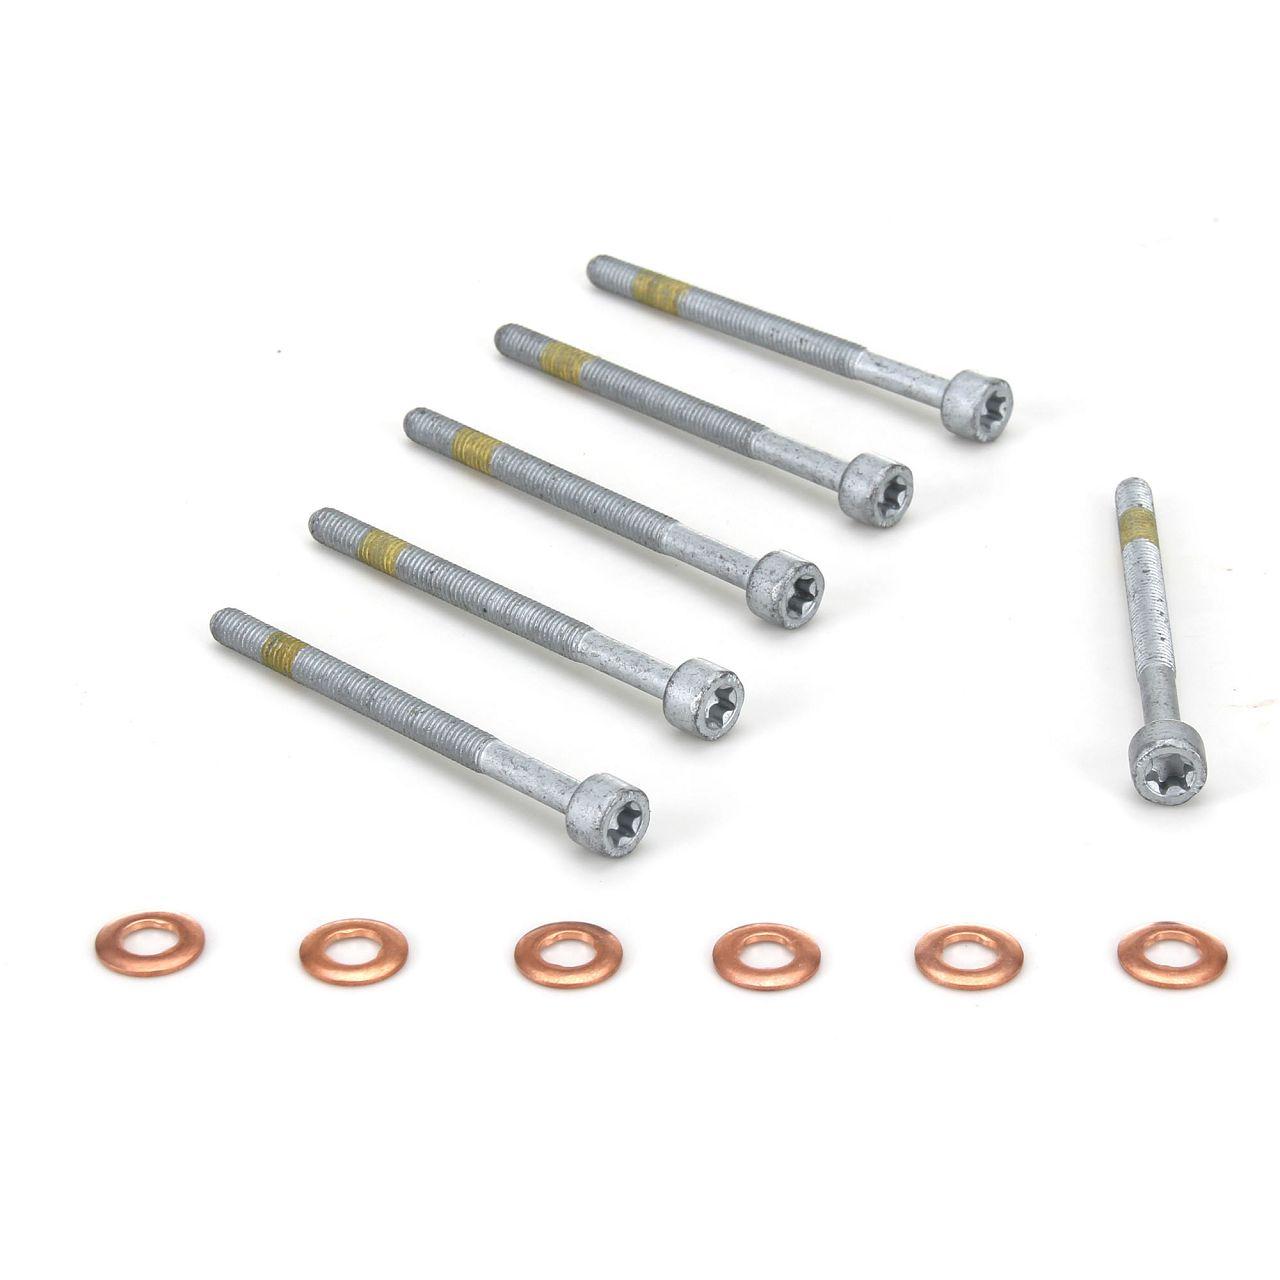 6x Zylinderschraube + Dichtringe für Einspritzdüse Injektor MERCEDES SMART CDI